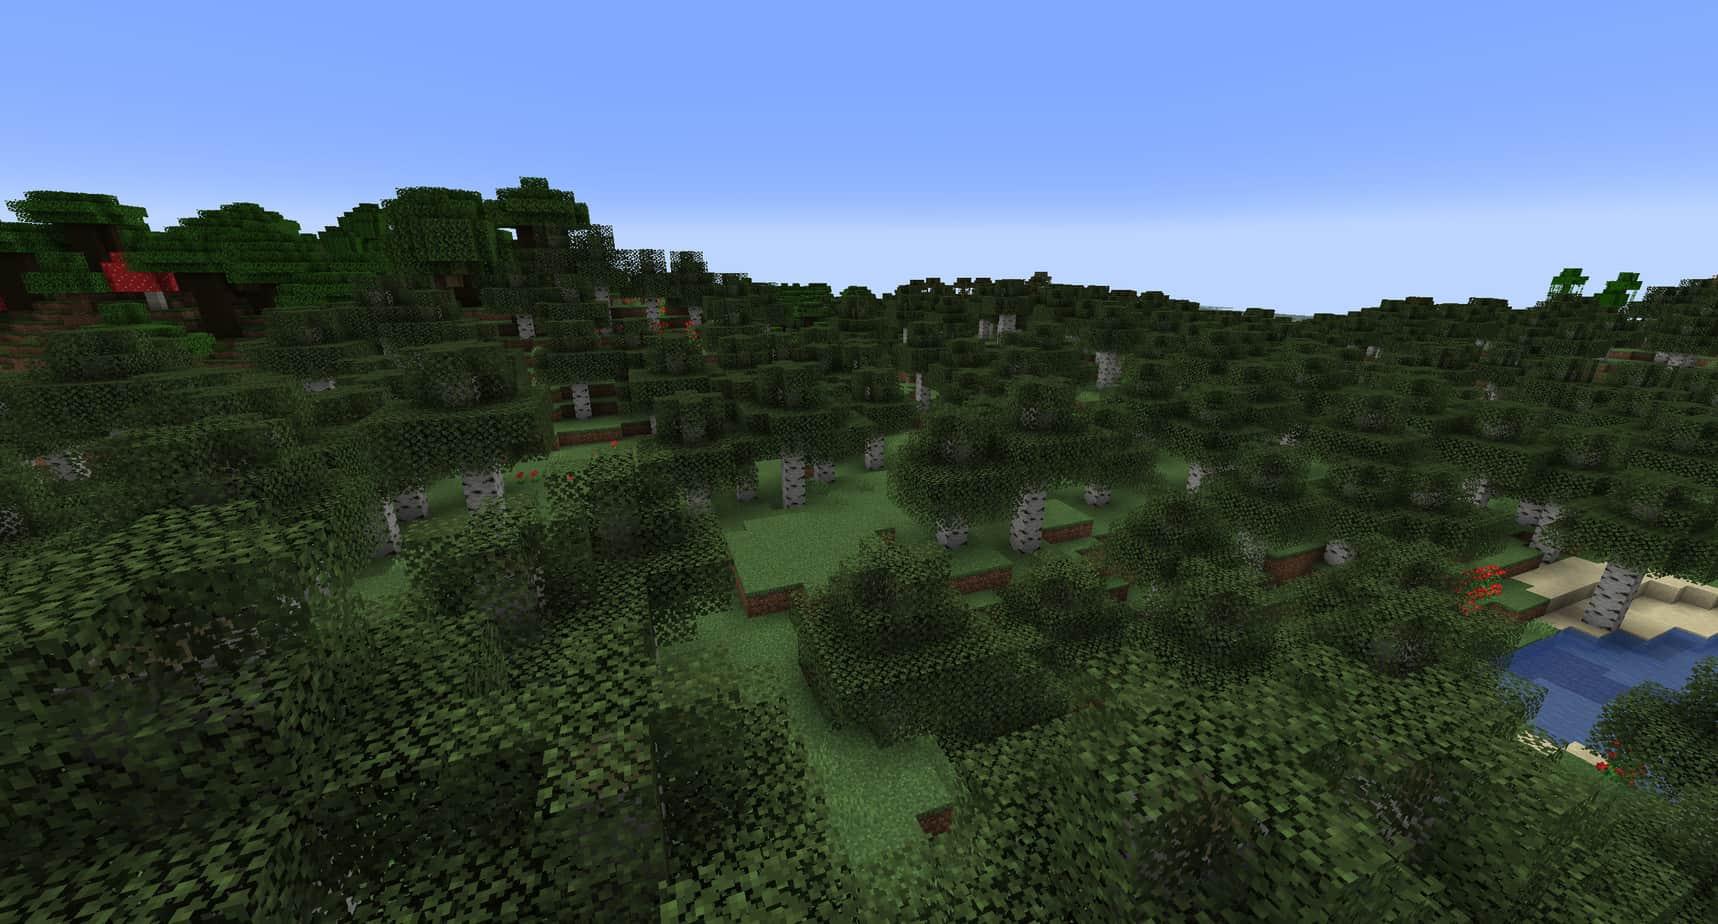 Minecraft Biomes Forest